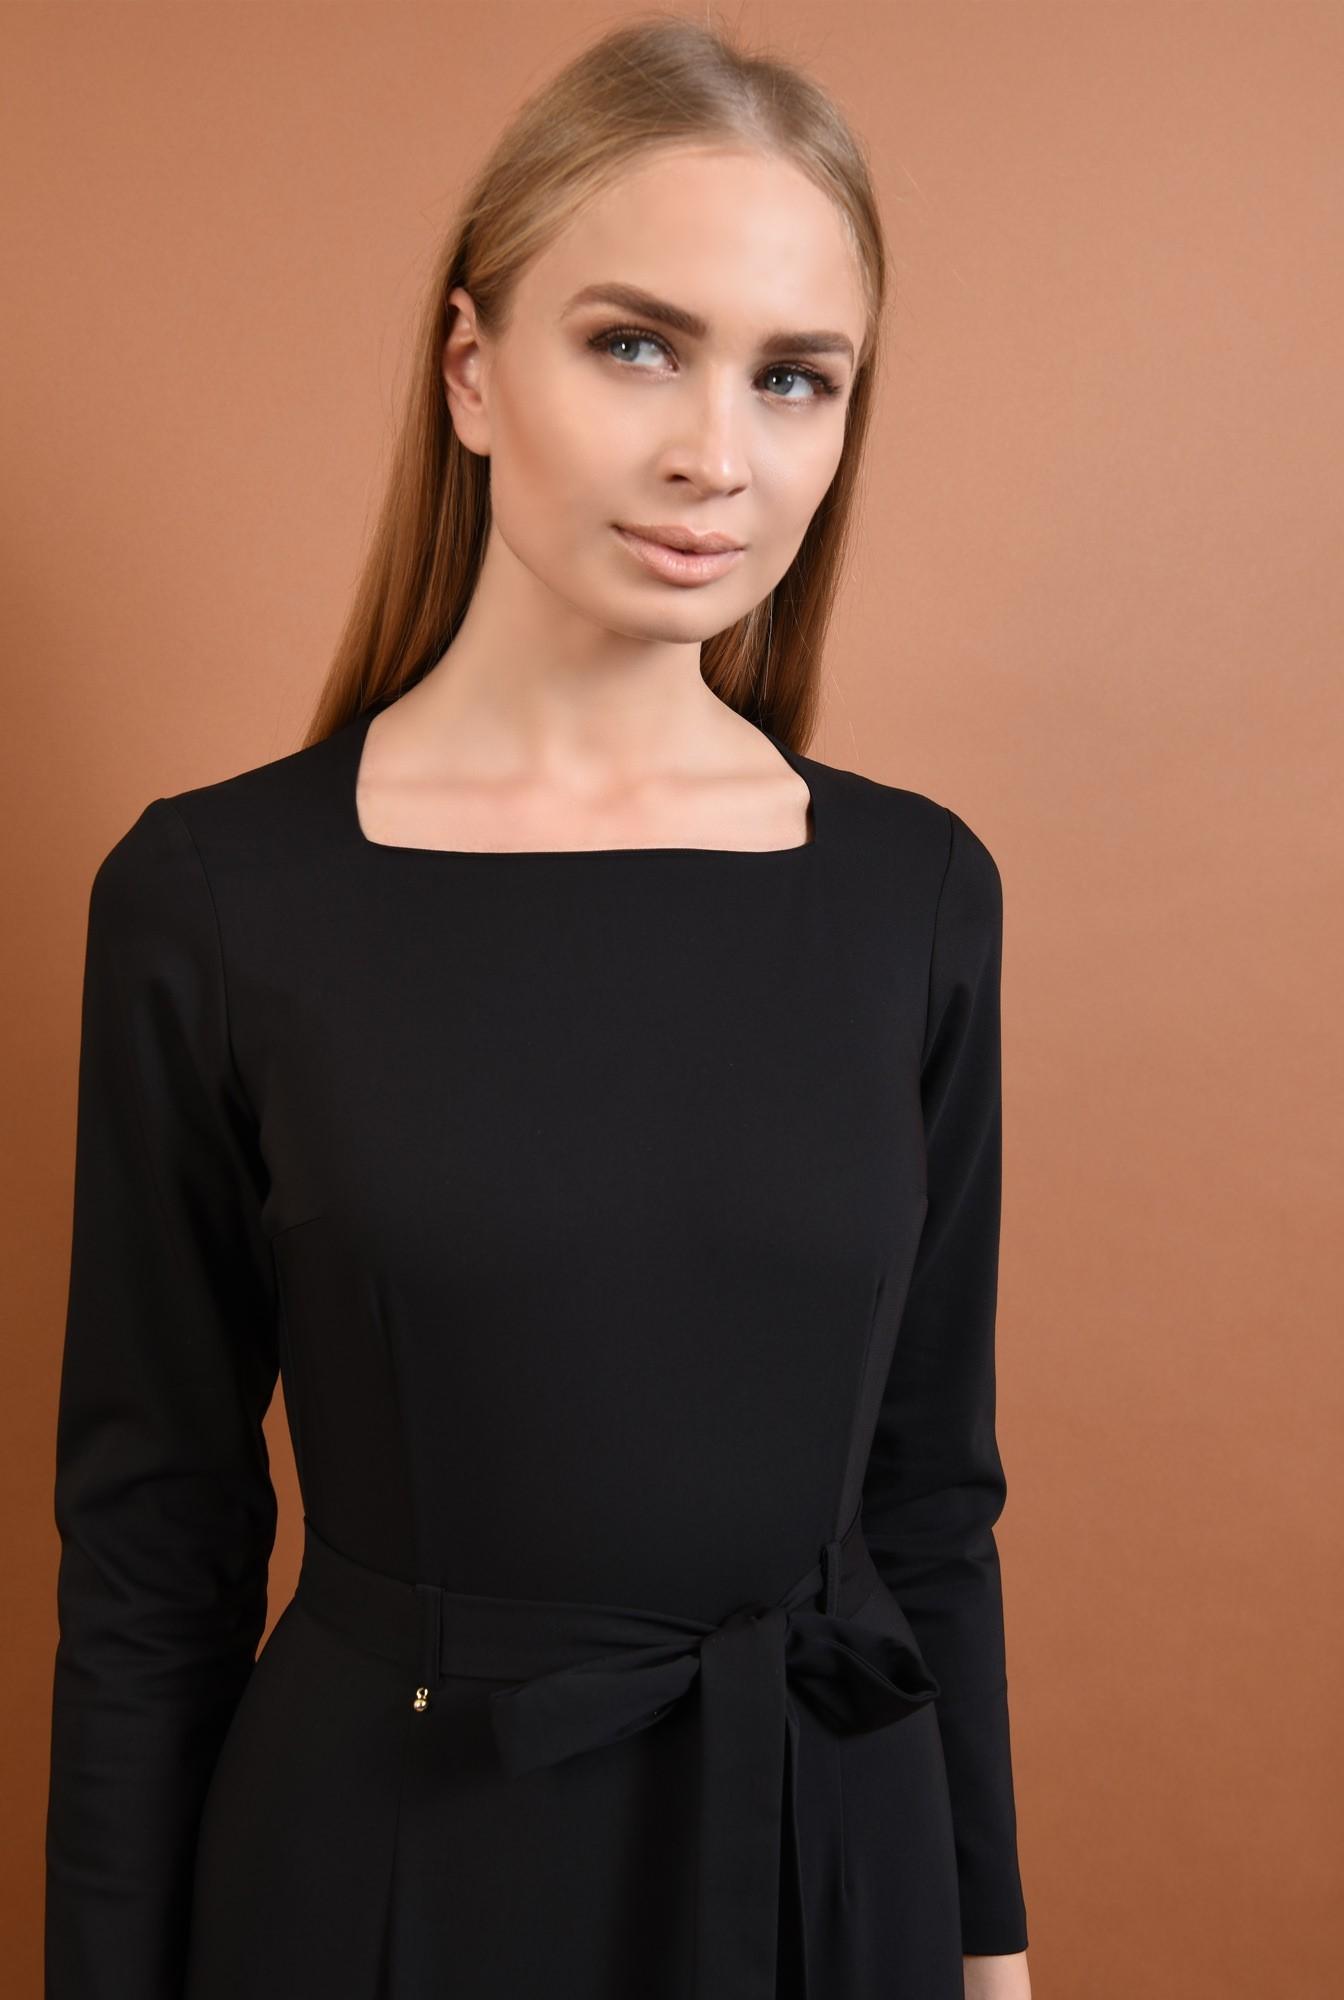 2 - 360 - rochie neagra, casual, rochii online, croi conic, cordon, funda